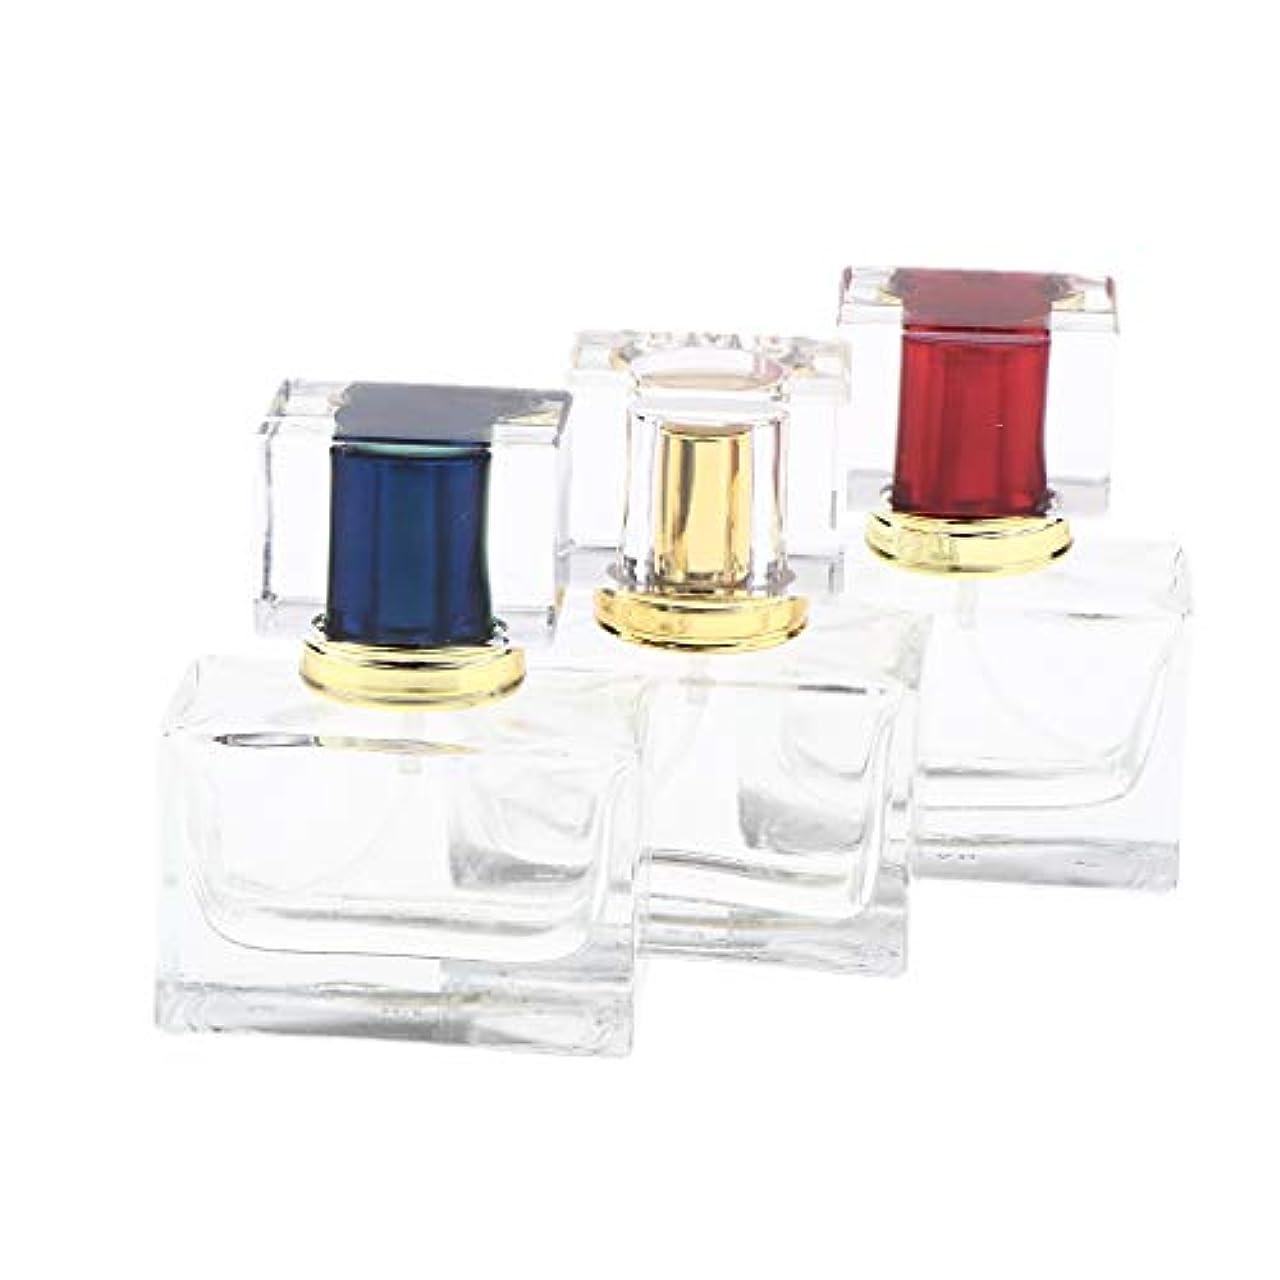 丁寧クリーナー財政香水アトマイザー スプレーボトル 詰め替え容器 香水瓶 小型 旅行 持ち運び ロック可能 30ML